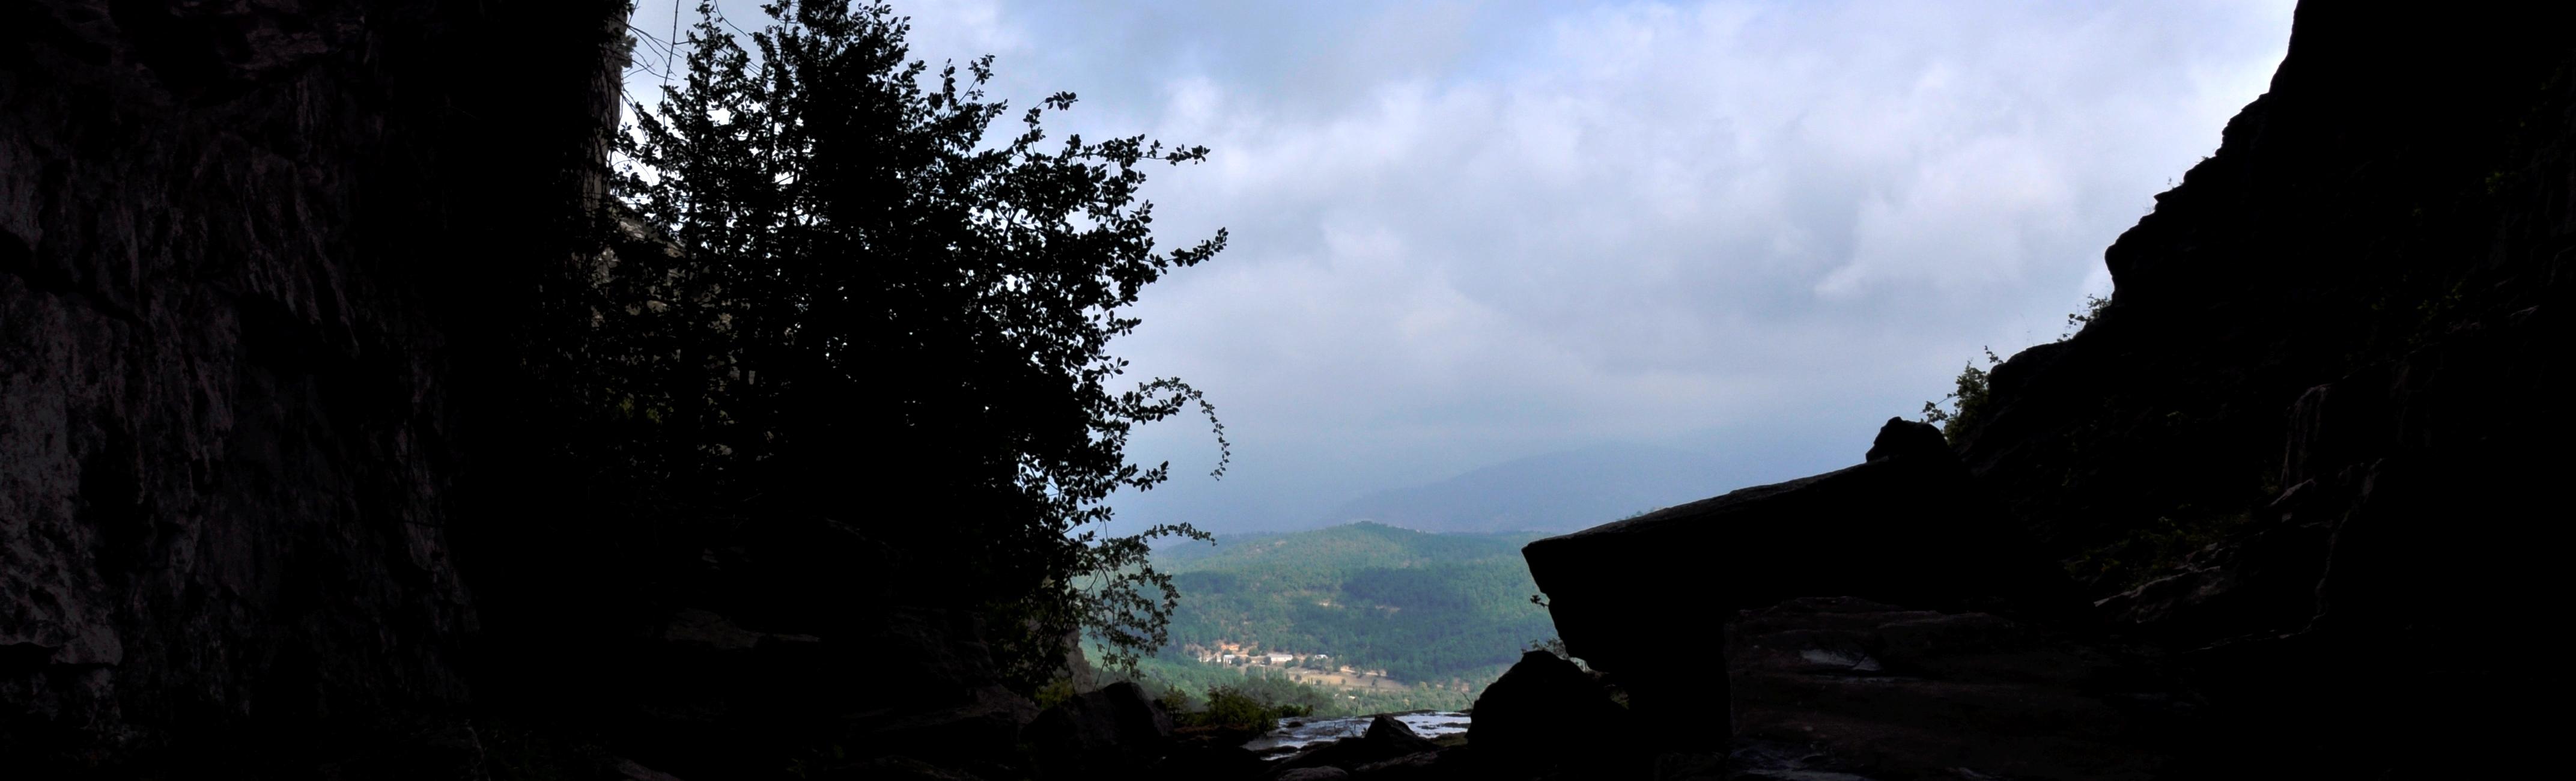 Vista desde la boca de la Cueva de los Chorros